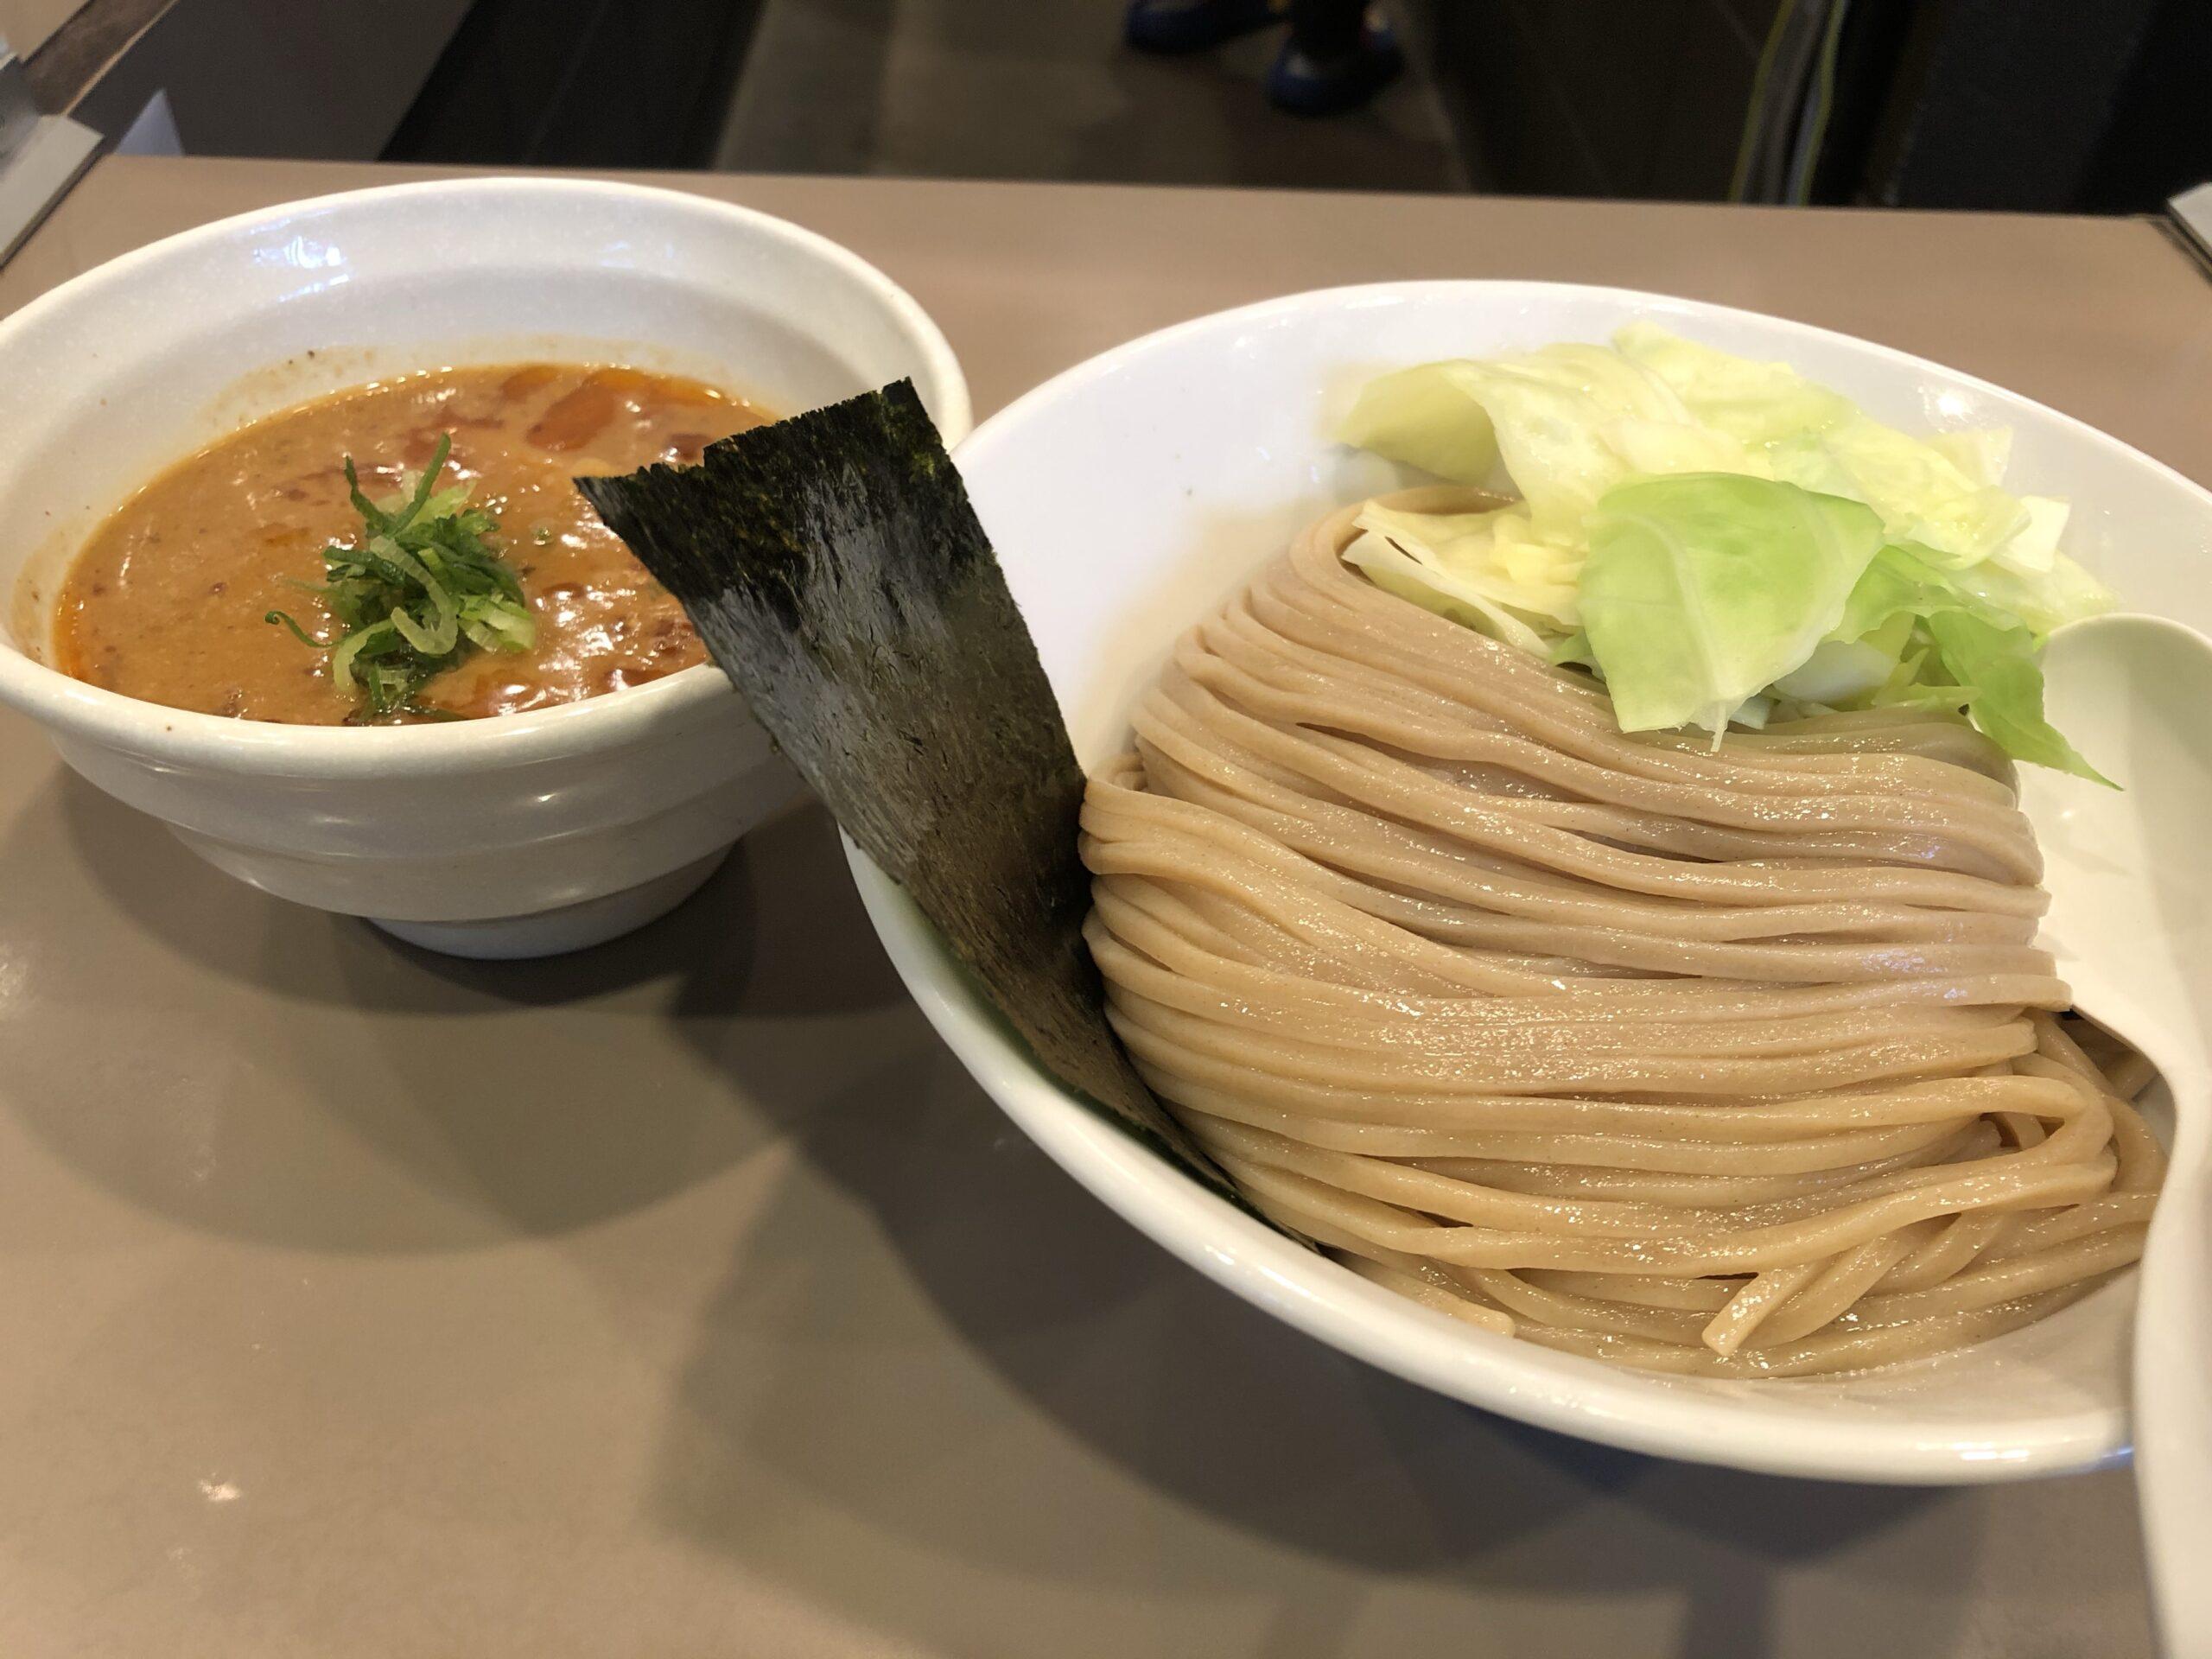 新宿「五ノ神製作所」 海老と味噌の最強コラボ、海老味噌つけ麺